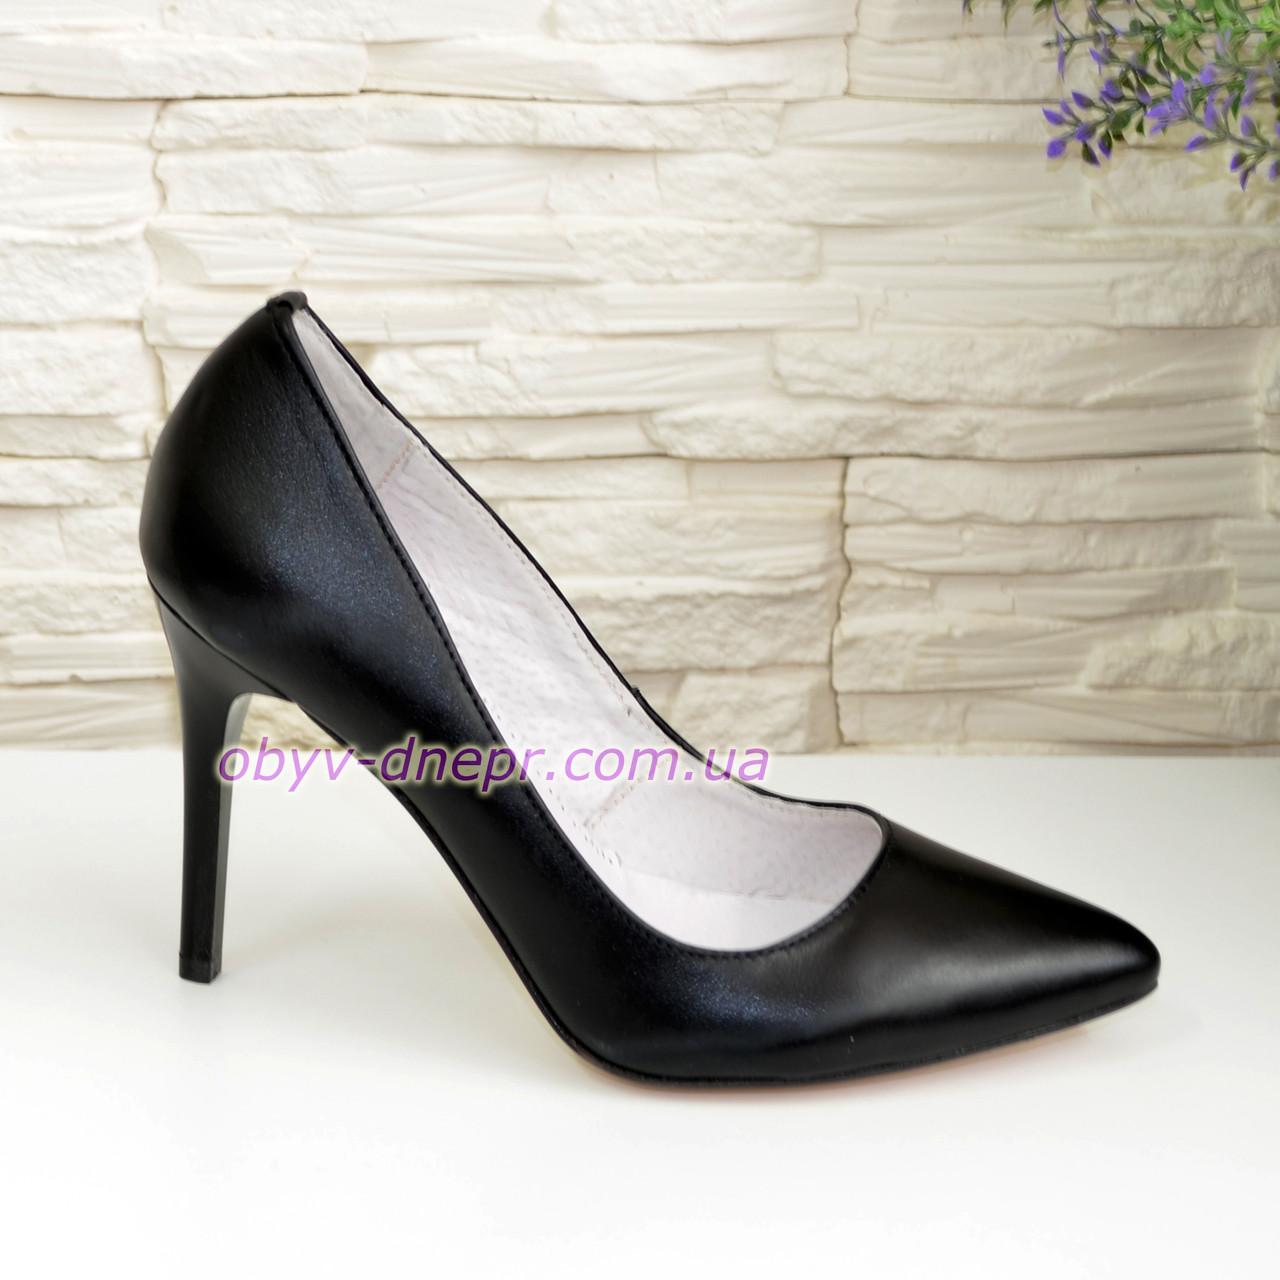 Туфлі жіночі на високому підборі, чорна шкіра